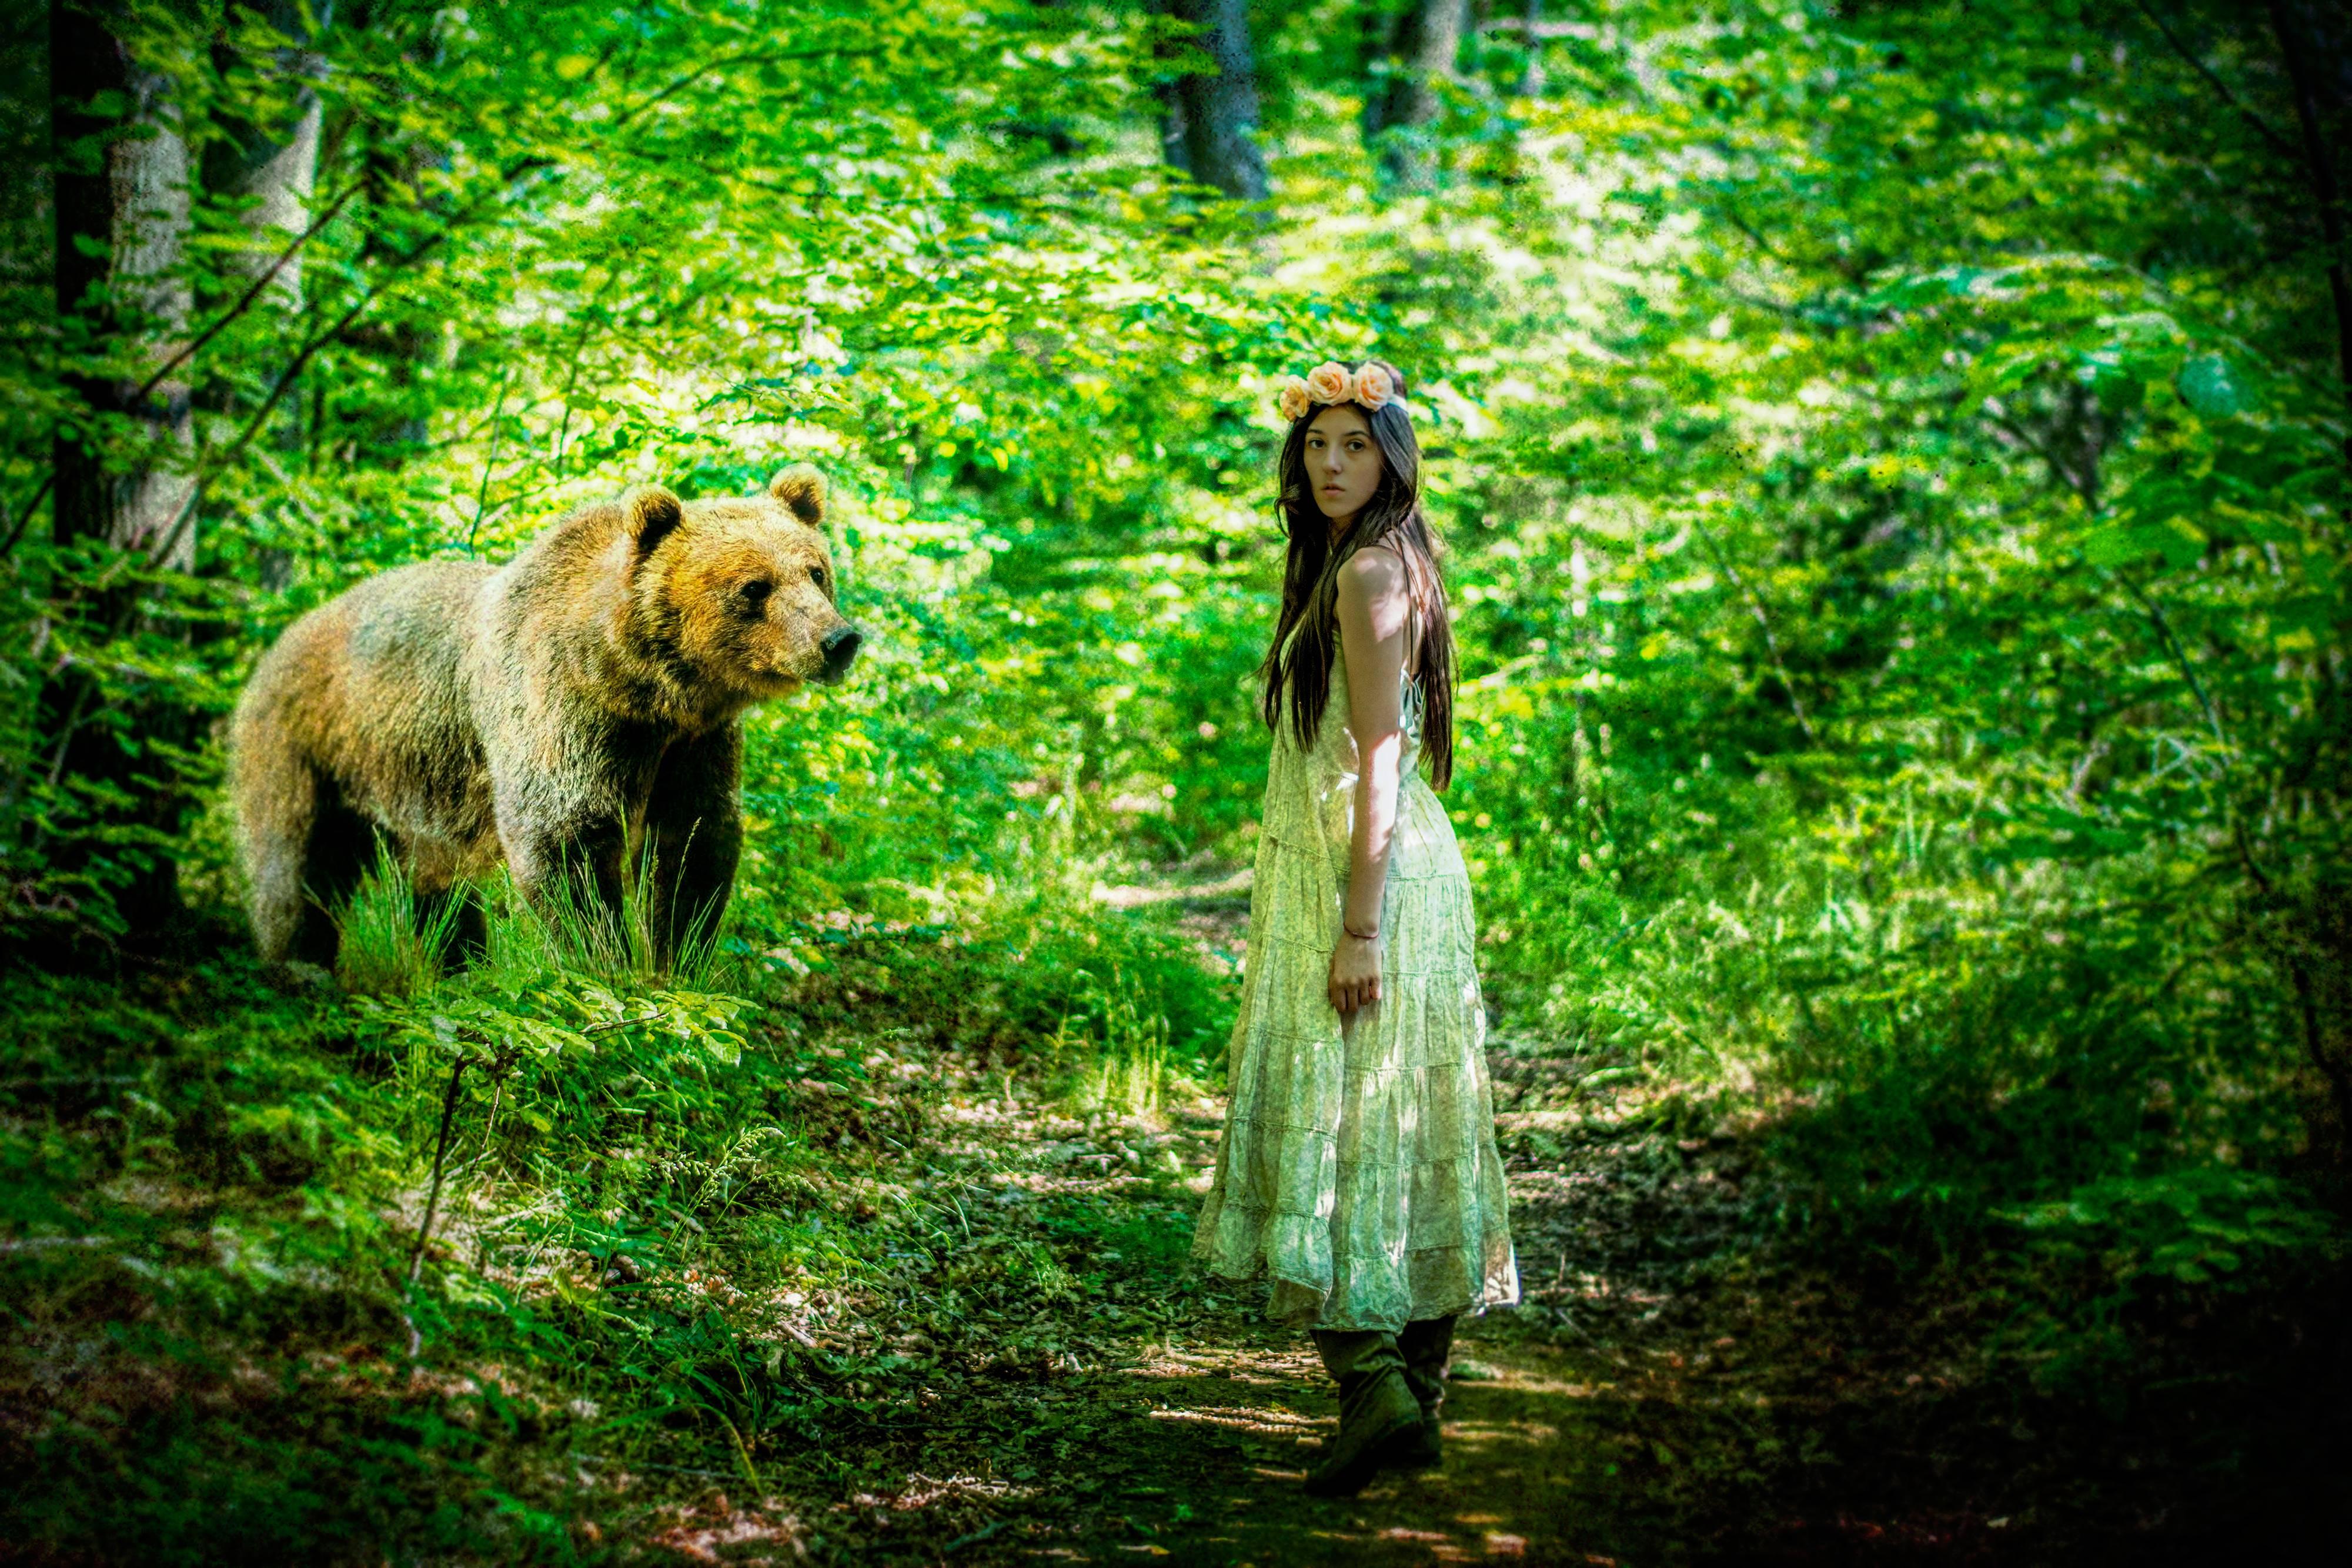 медведь, лес, девушка